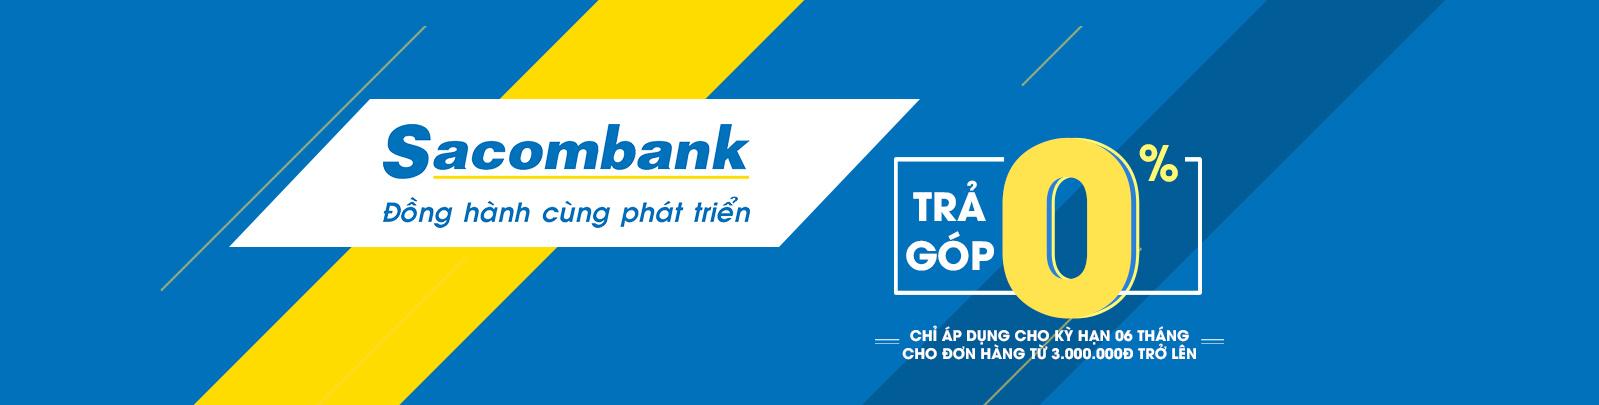 Thông tin về lãi suất thẻ tín dụng Sacombank